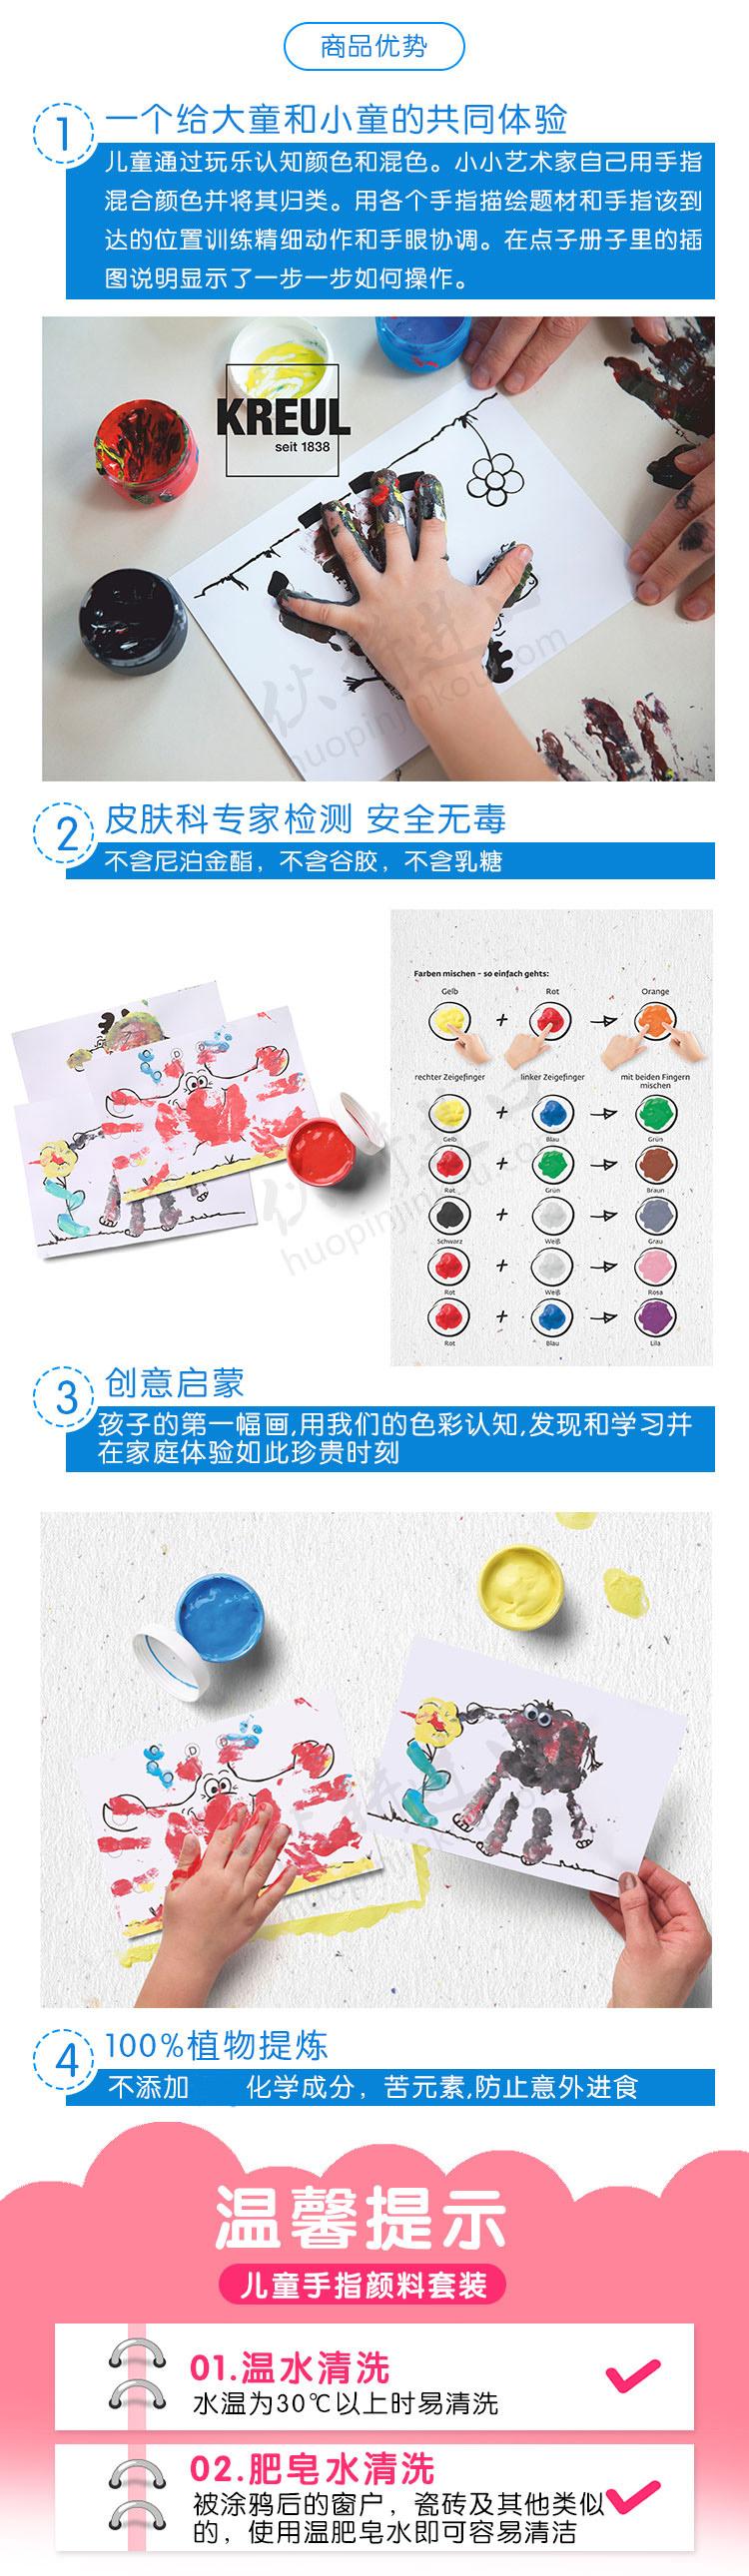 29101-手指颜料套装---------5瓶X50ml套详情详情_02.jpg